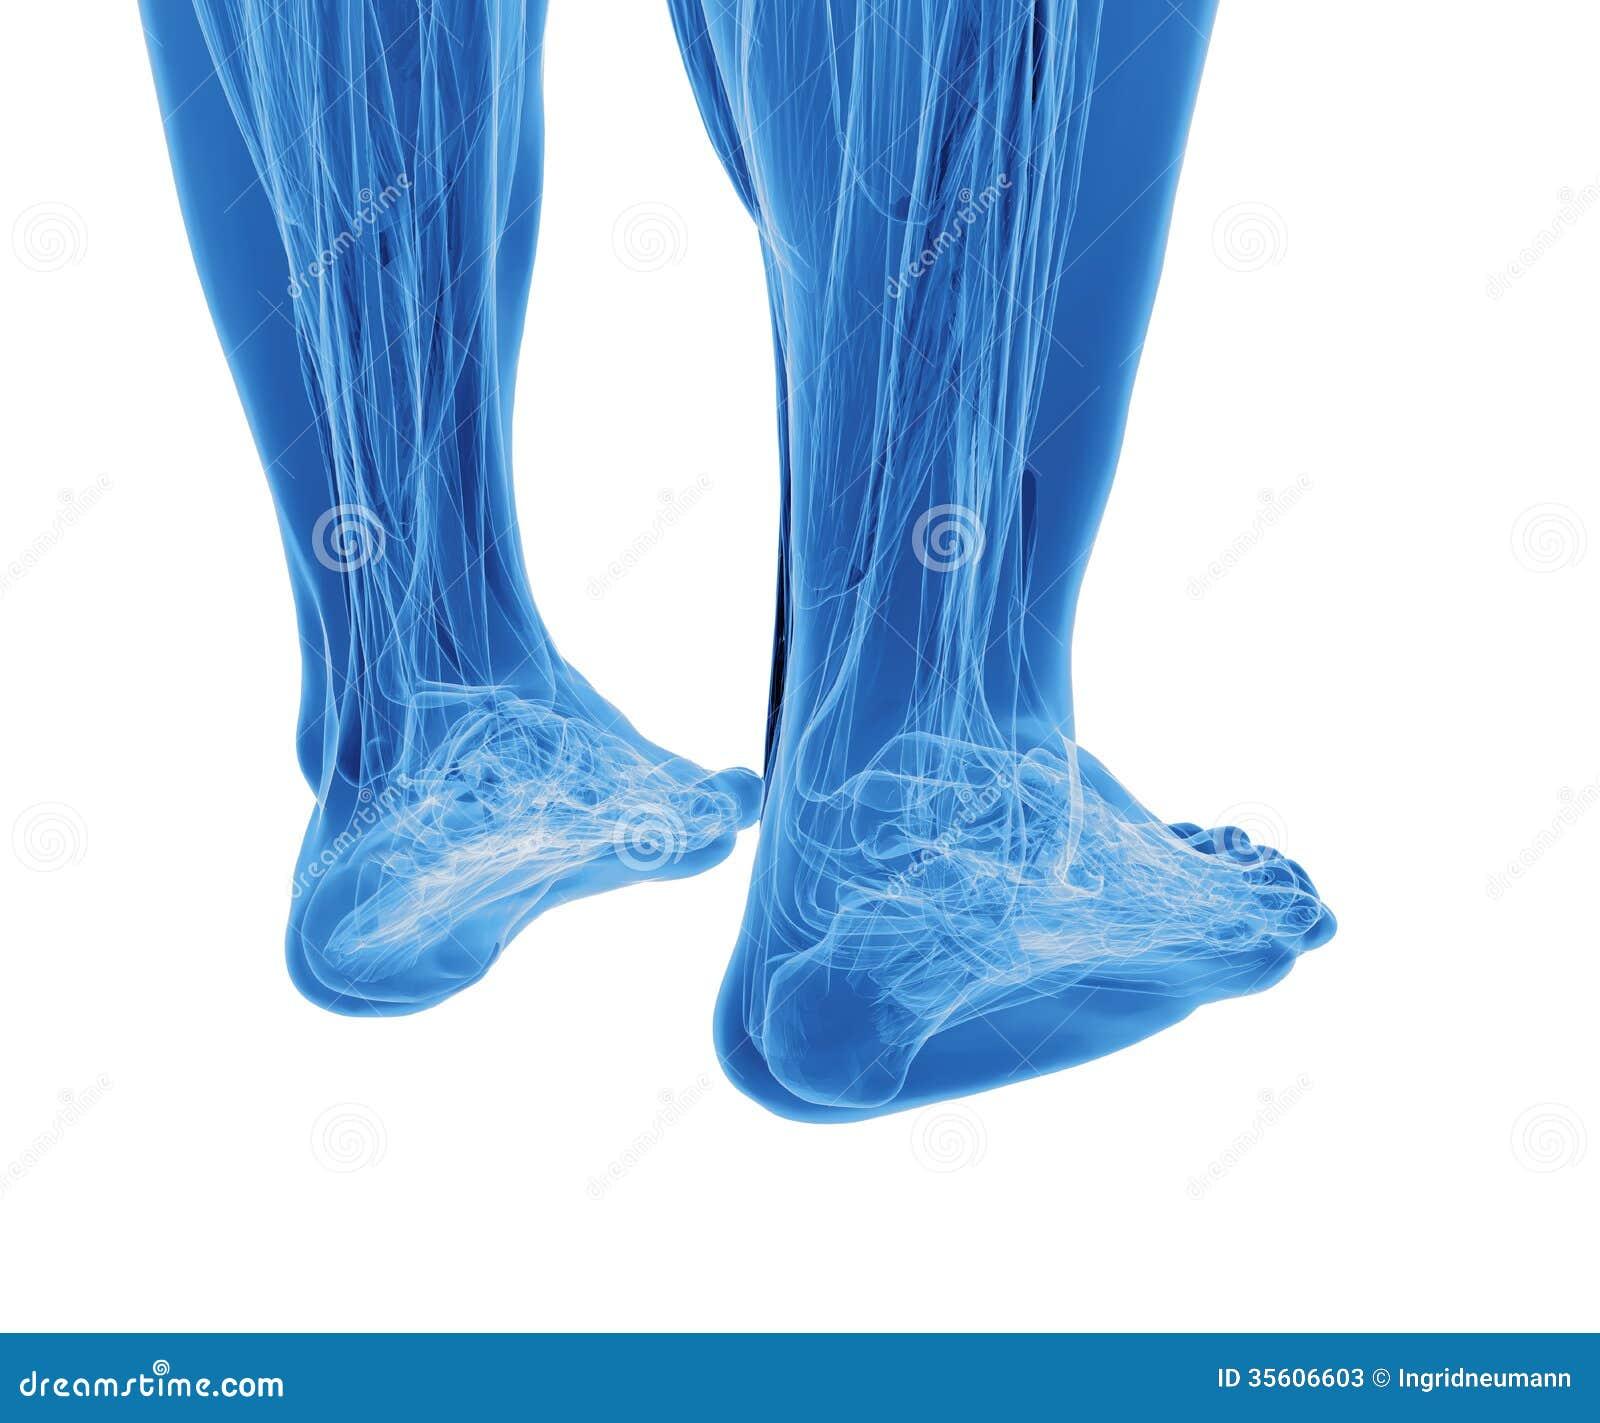 Anatomie Von Menschlichen Beinen Stock Abbildung - Illustration von ...